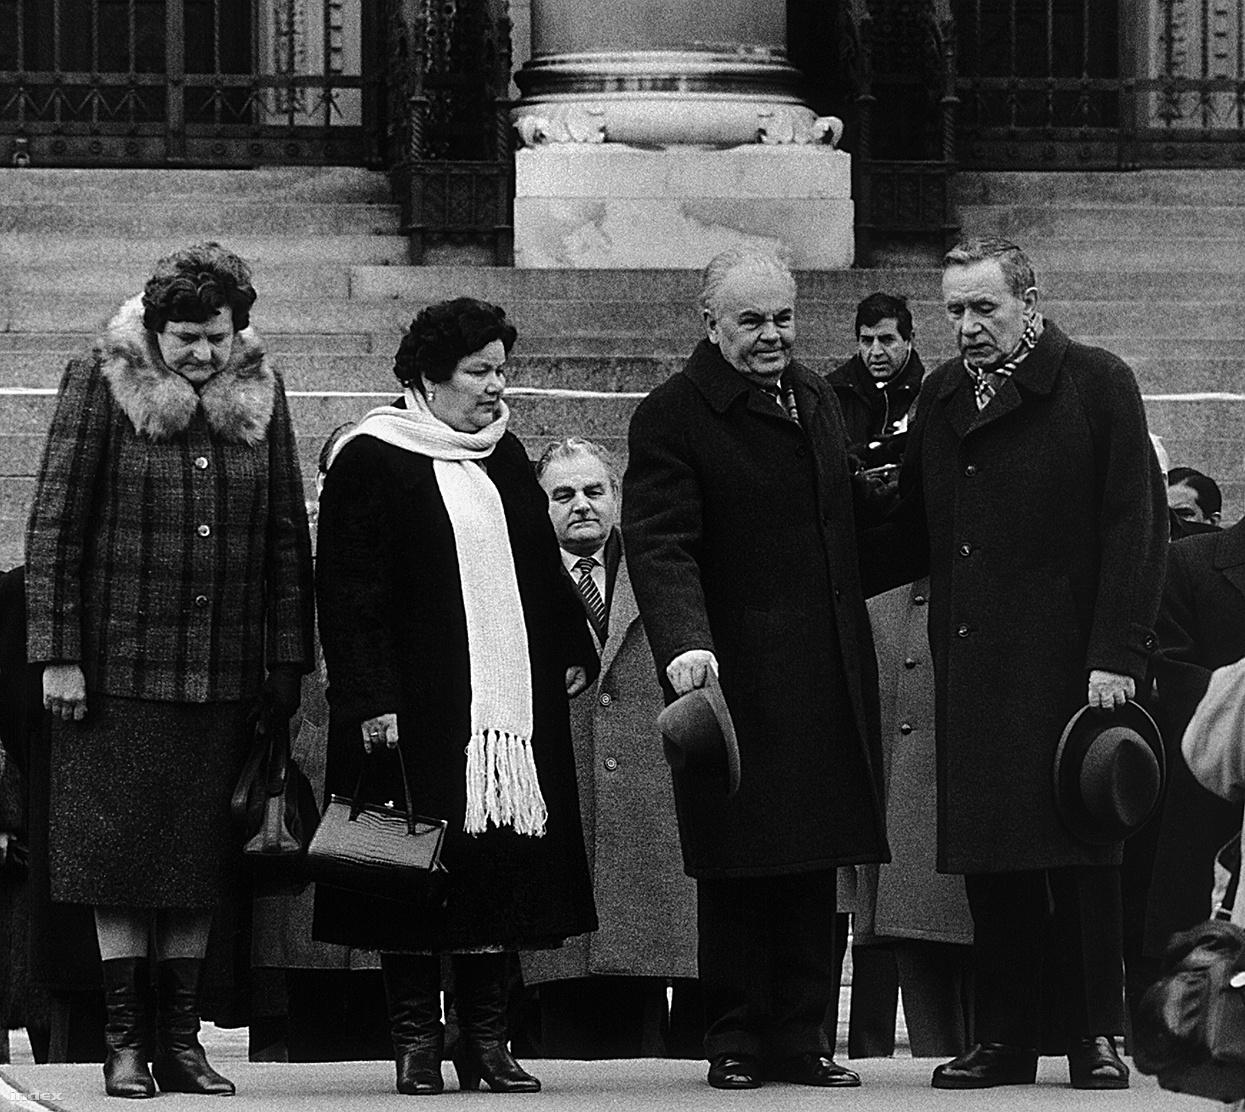 A Szovjetúnió elnöki tanácsának elnökét fogadja Magyar Népköztársaság Elnöki Tanácsának elnöke, Németh Károly, miközben feleségeikkel a díszzászlóalj tisztelgését fogadják a Parlament előtt. A két first lady látványa úgy megfogta a fotóriportert, hogy muszáj volt megörökítenie őket.